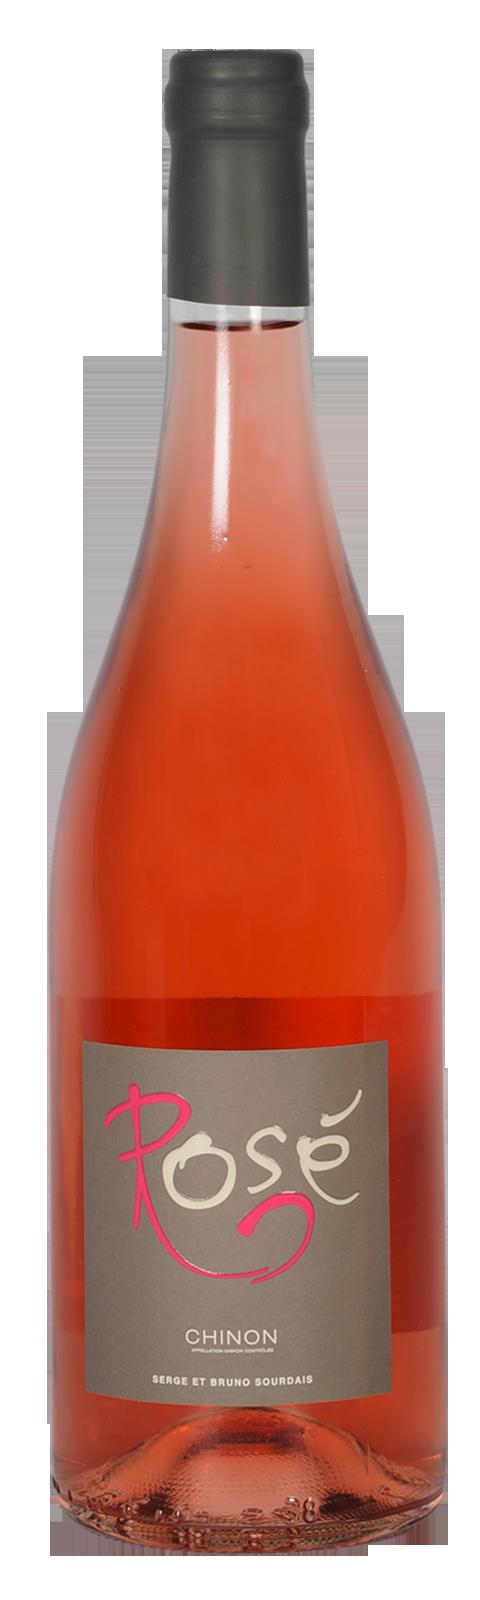 La Bouchardière Rosé